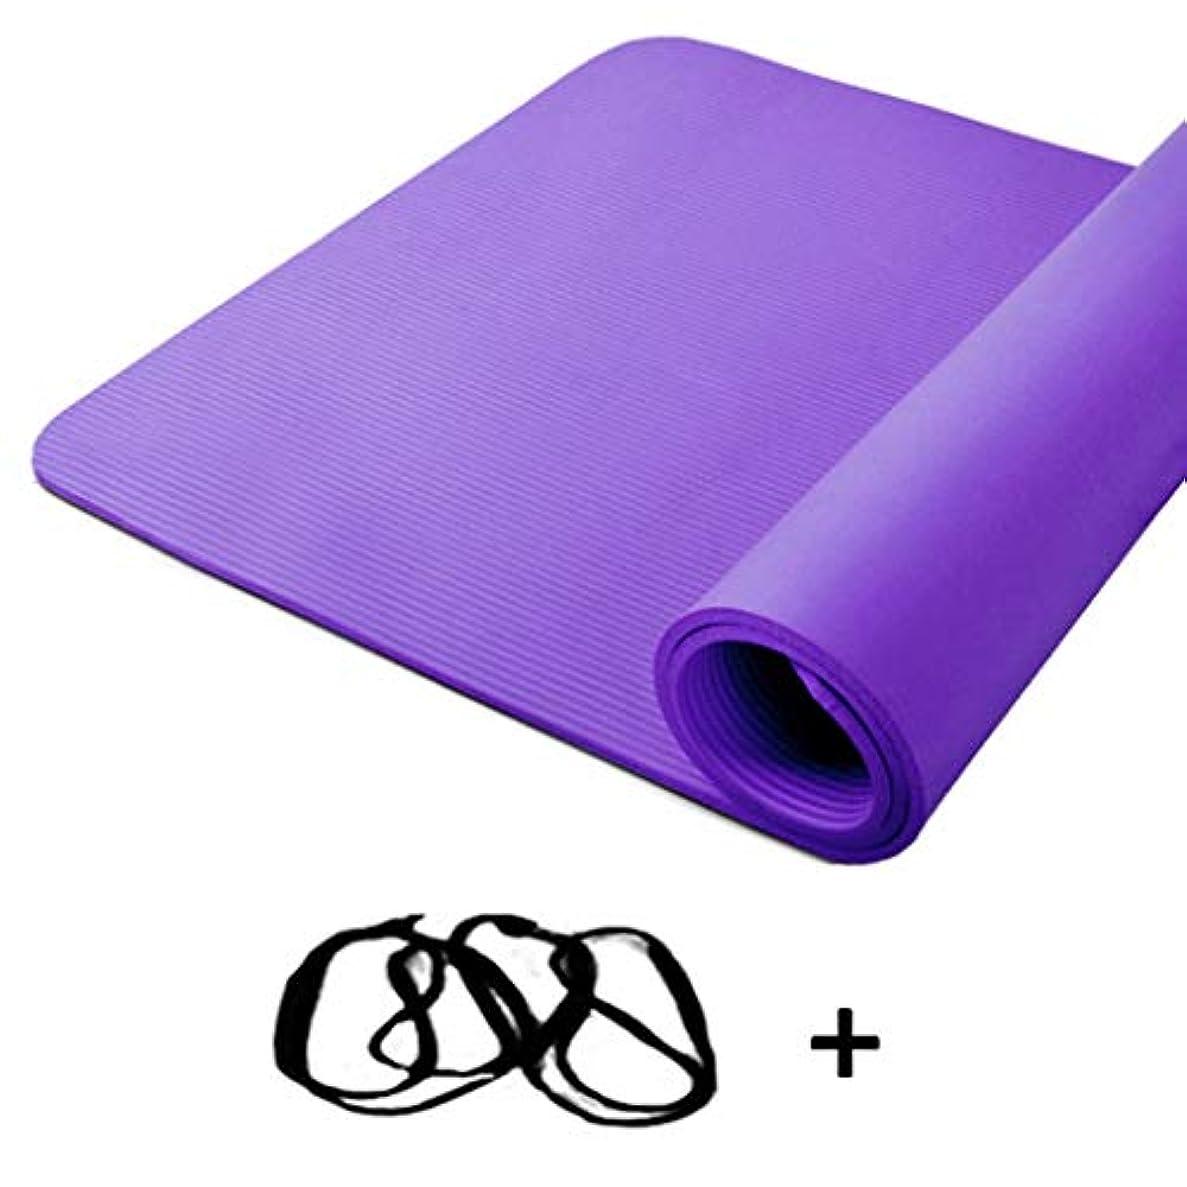 固める勤勉な恐ろしいです寝袋アウトドアアウトドアブッシュスリーシーズンキャンプ キャリングストラップ200 * 130 cm * 10 mm / 15 mmで広がる高密度ヨガマット余分厚いノンスリップフィットネスクッション で利用できる単一の二重色 (サイズ さいず : 紫の-Strap rope, サイズ さいず : 15mm)